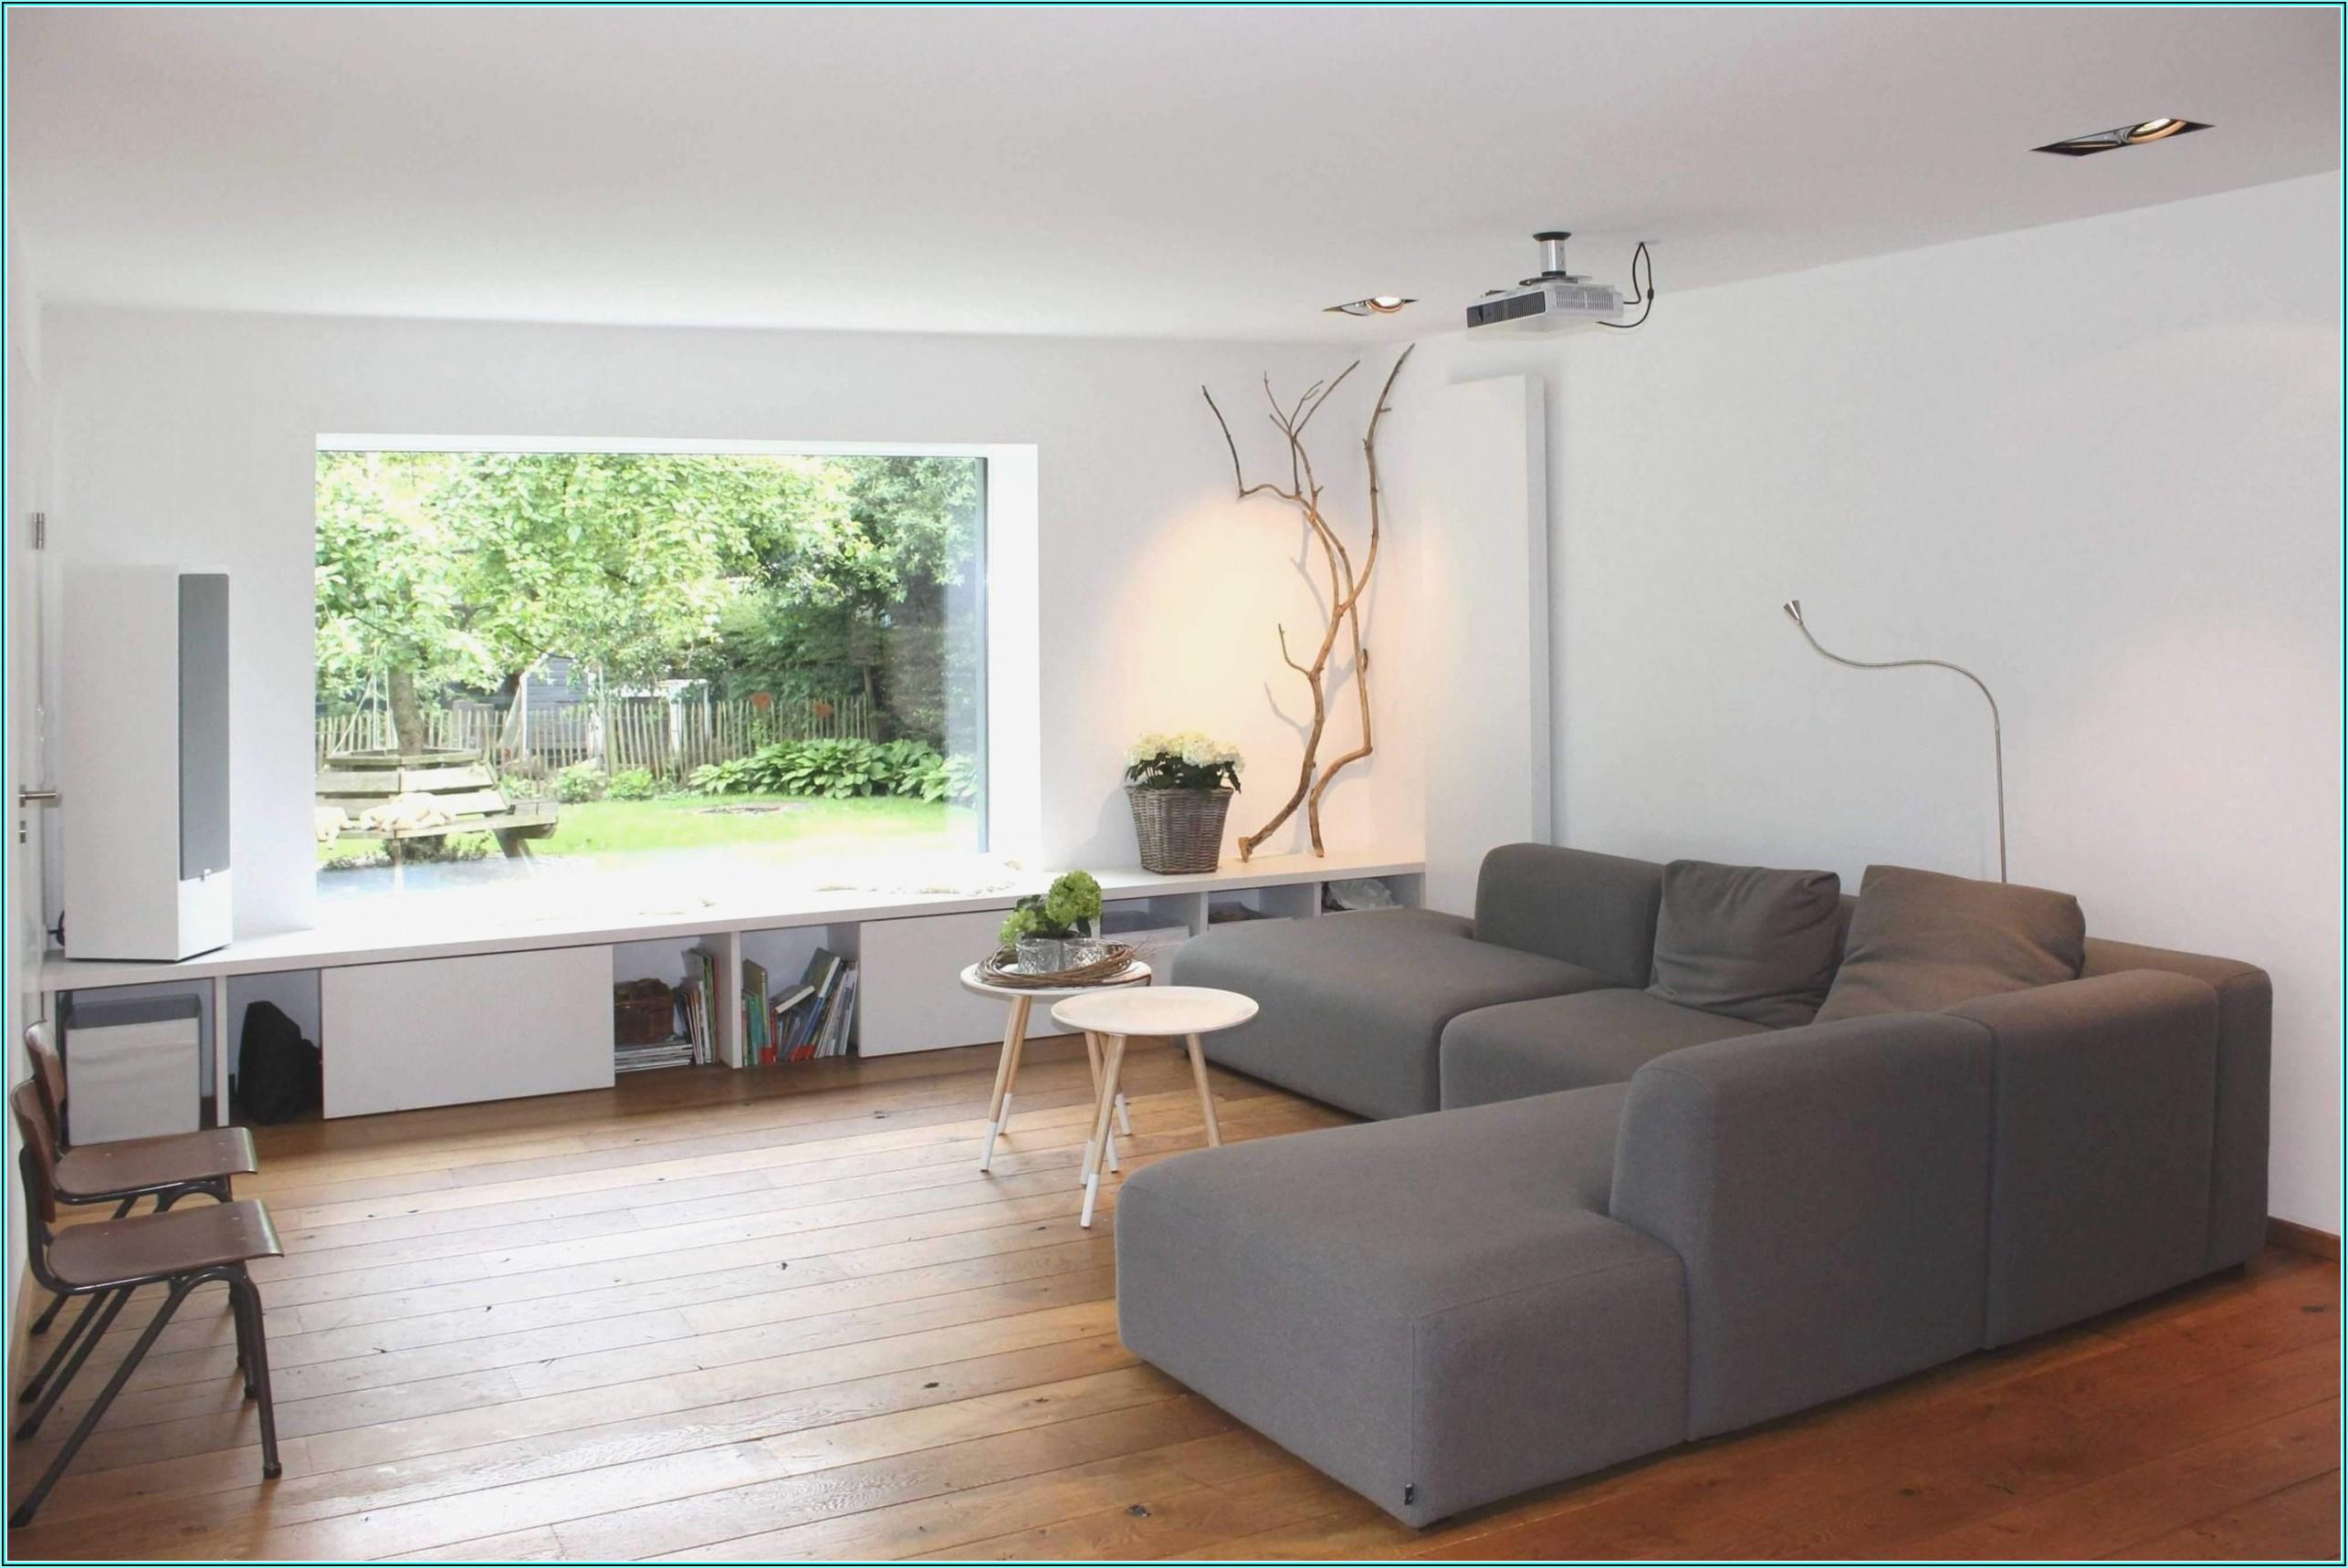 Bilder Wohnzimmer Grau